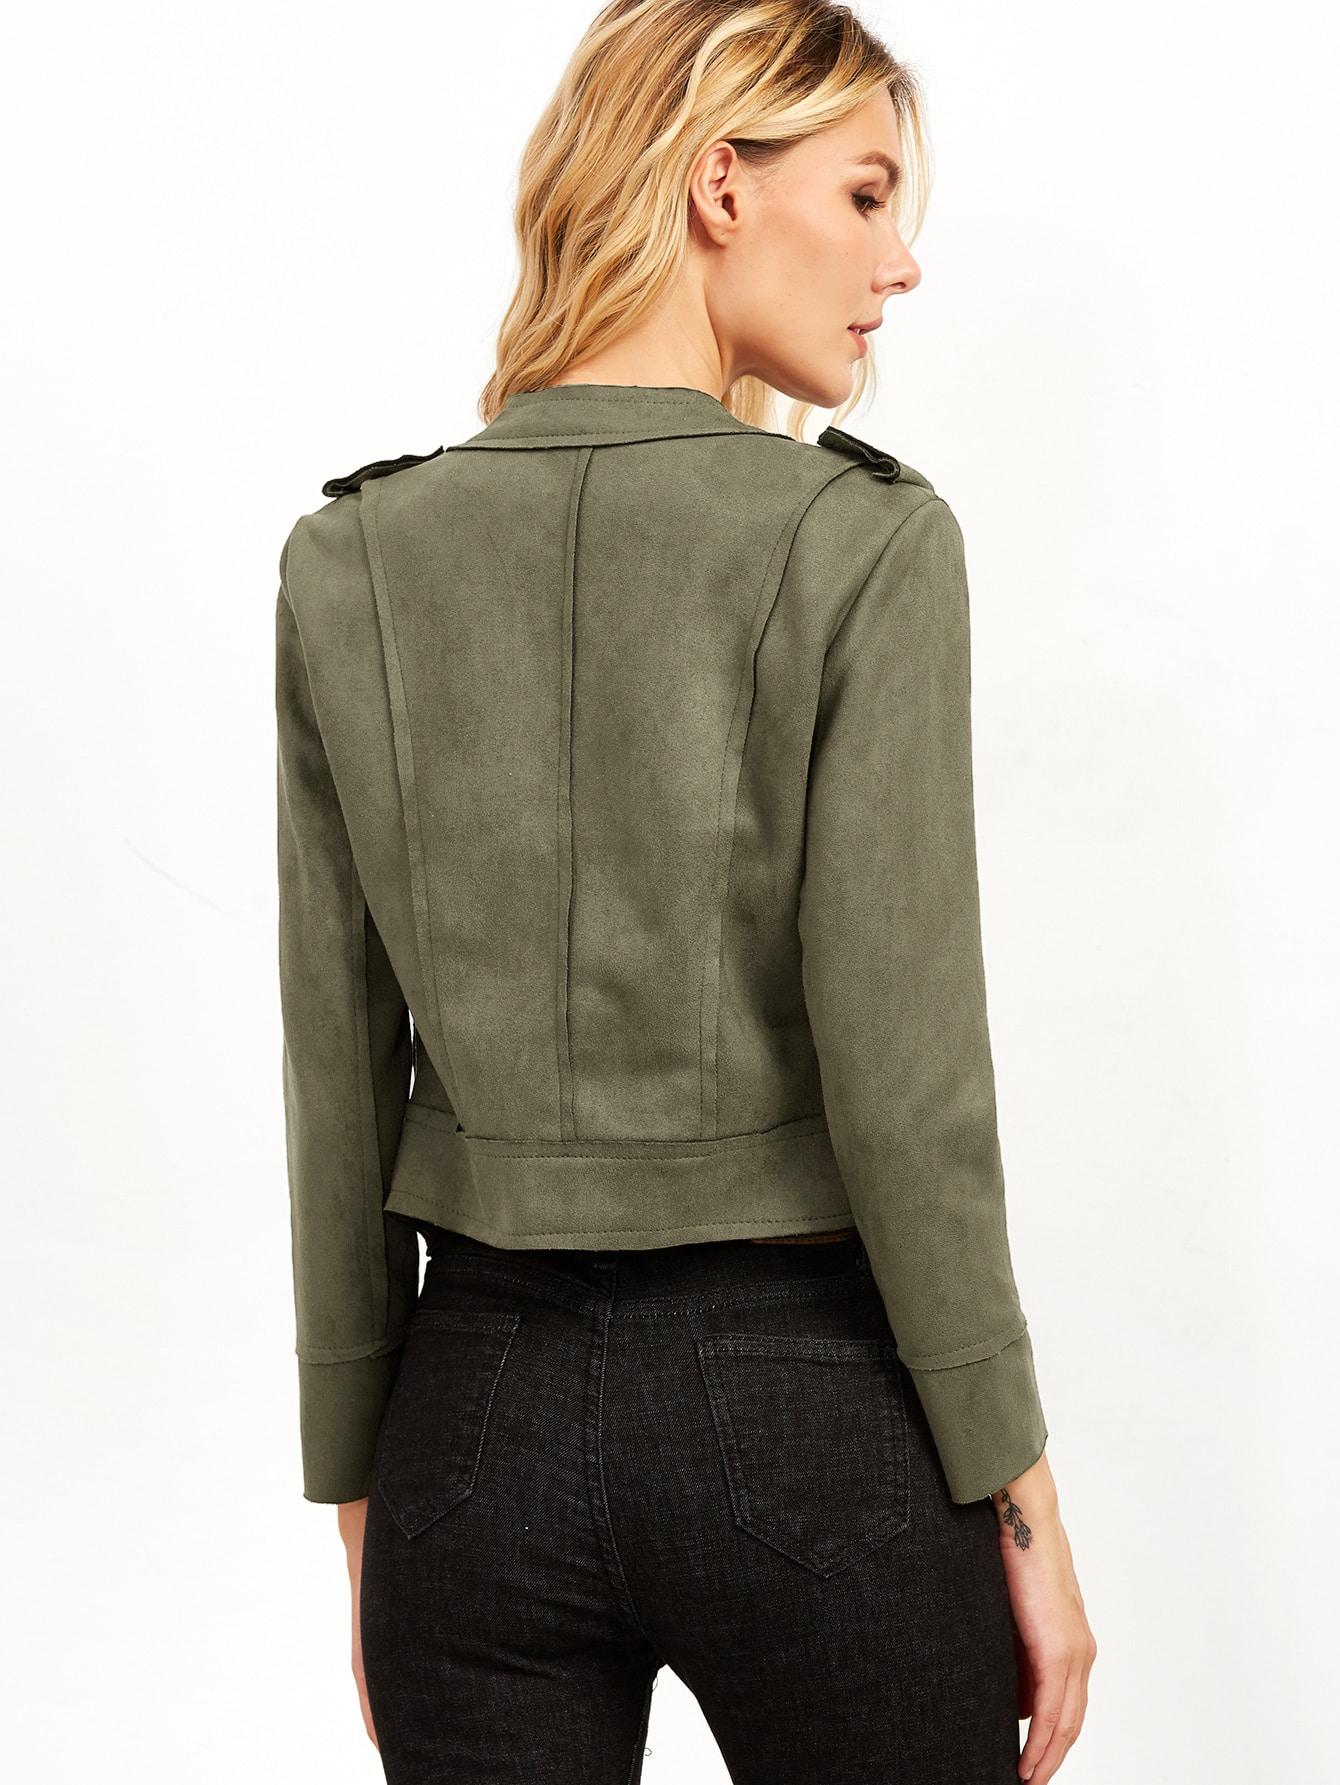 jacket160921101_2